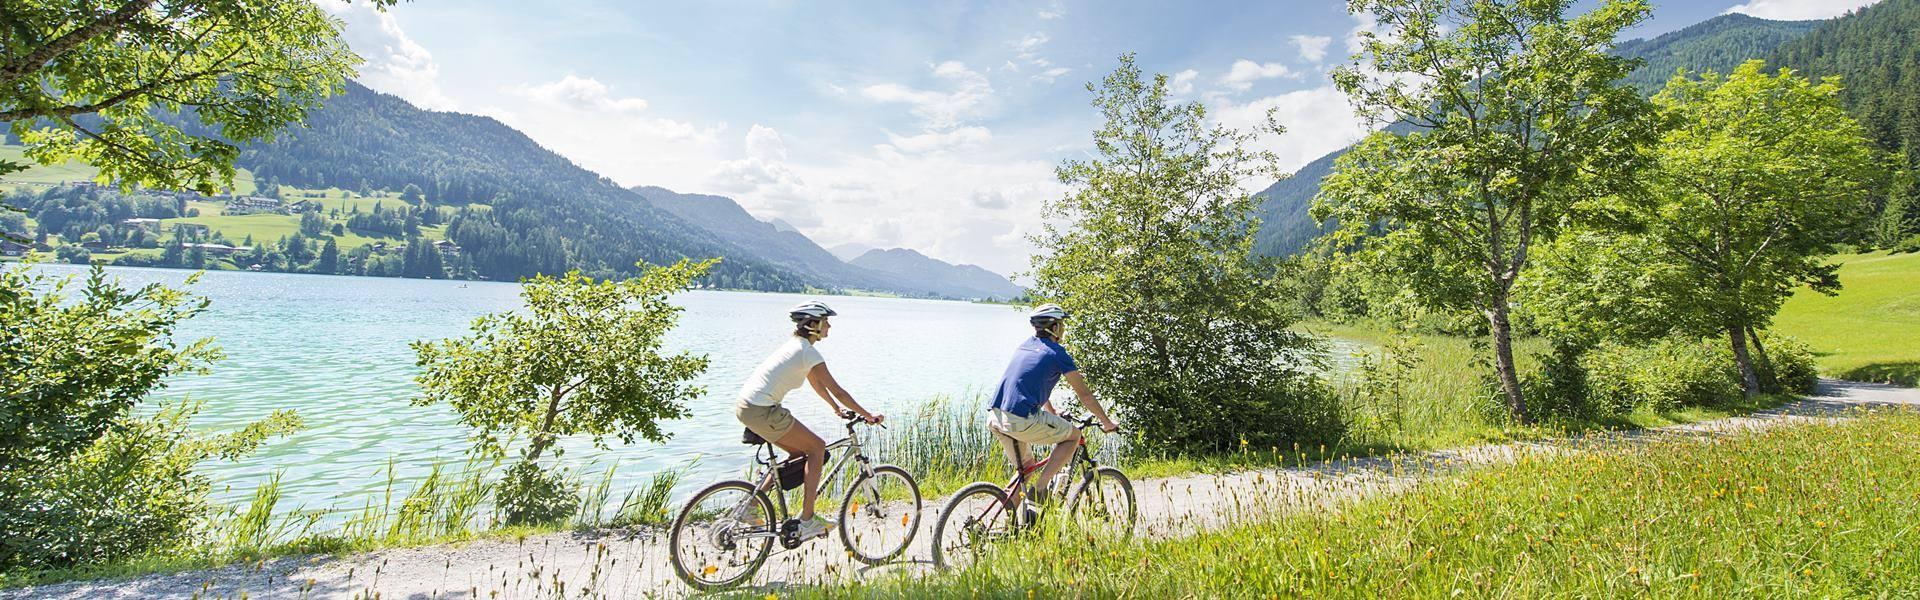 Túrakerékpározás az Alpok déli oldalán